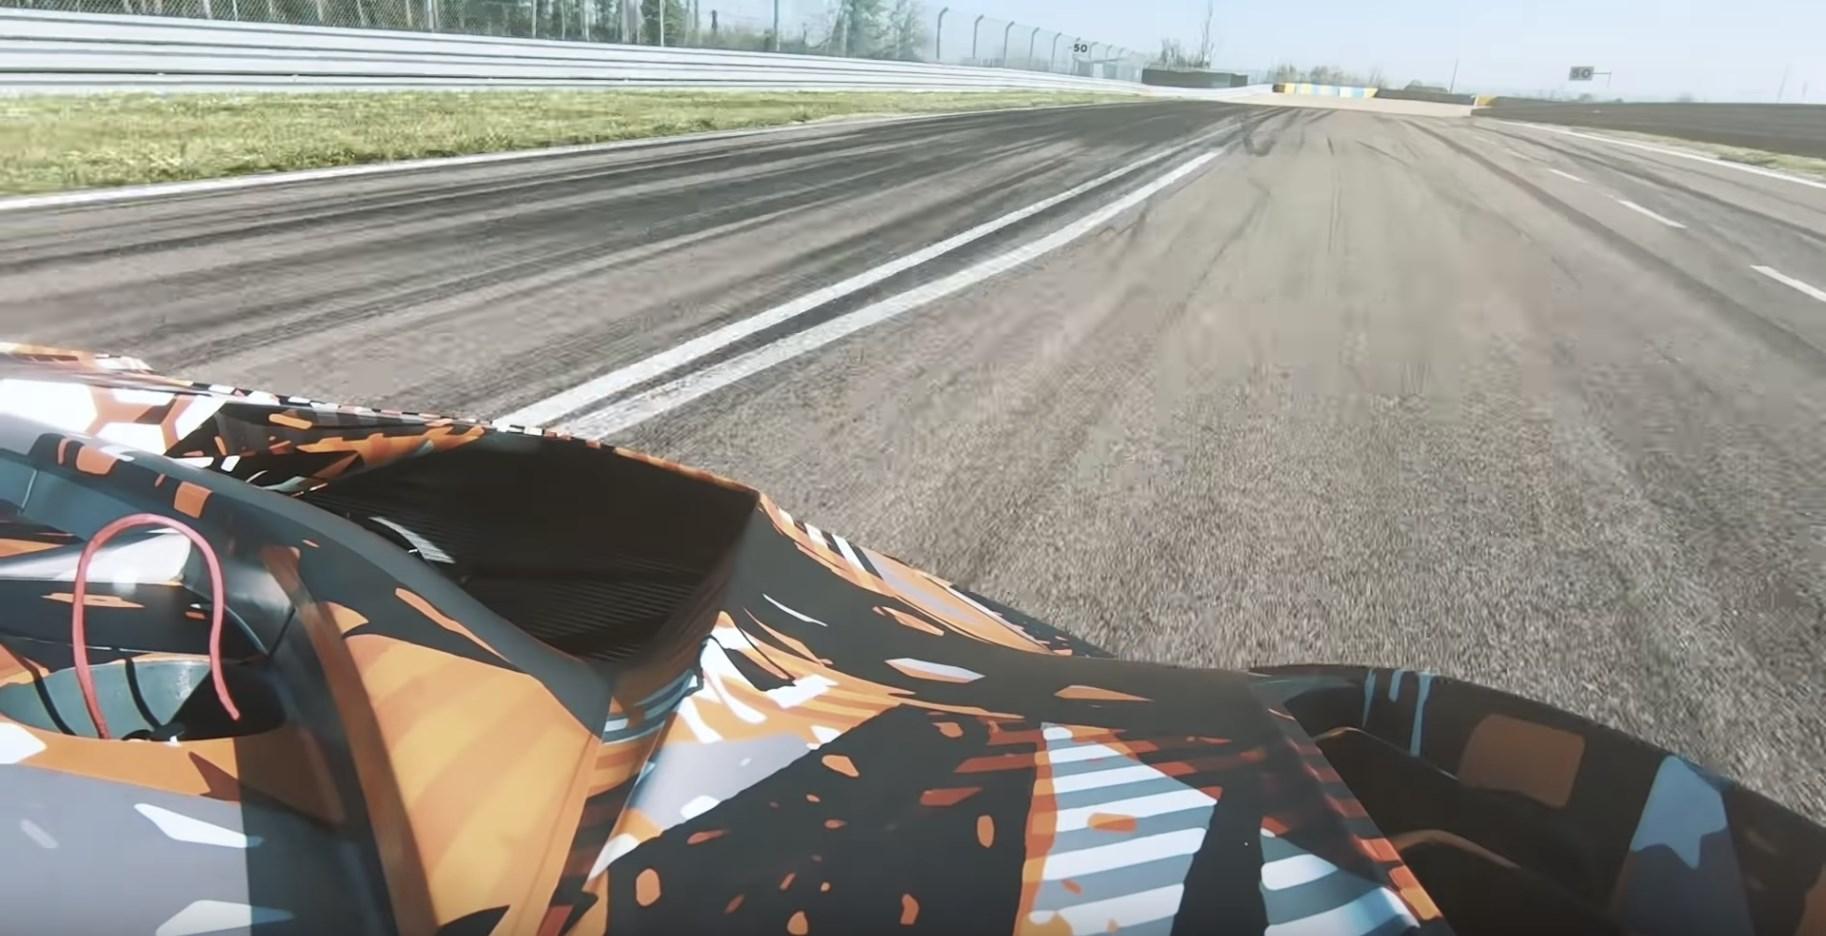 ランボルギーニ、サーキット専用ハイパーカーの動画を公開